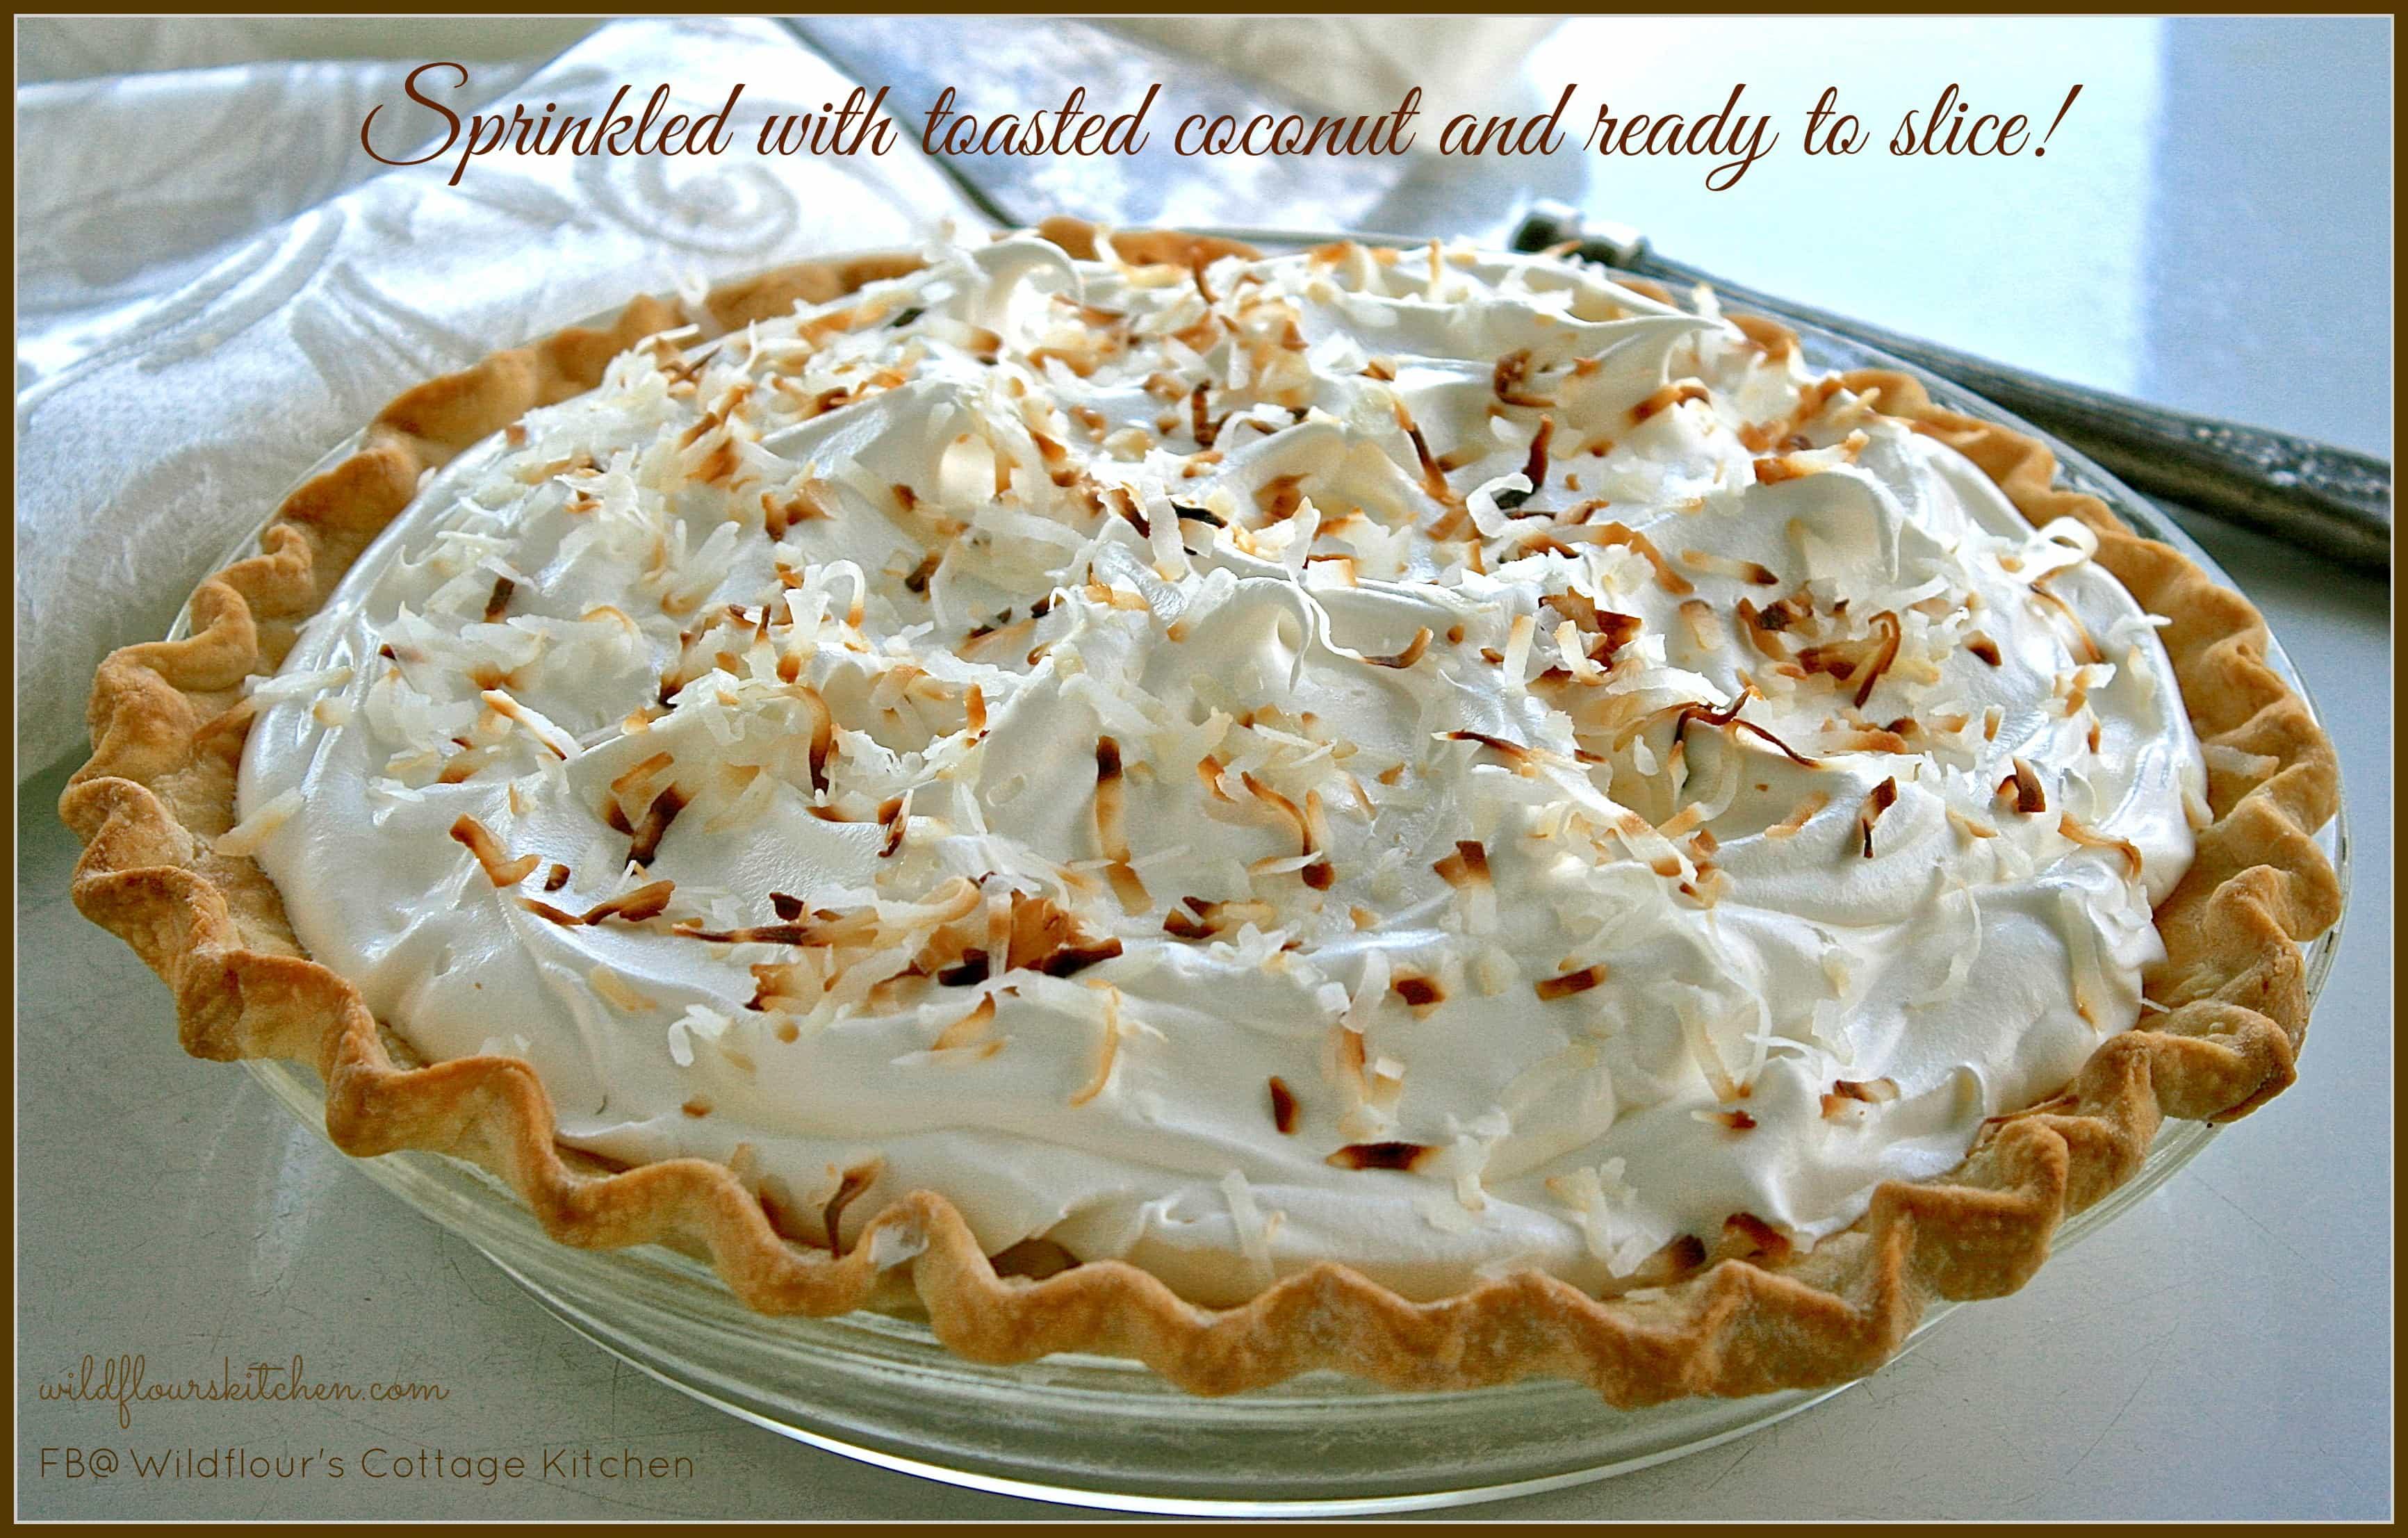 Old-Fashioned Coconut Cream Pie - Wildflour's Cottage Kitchen